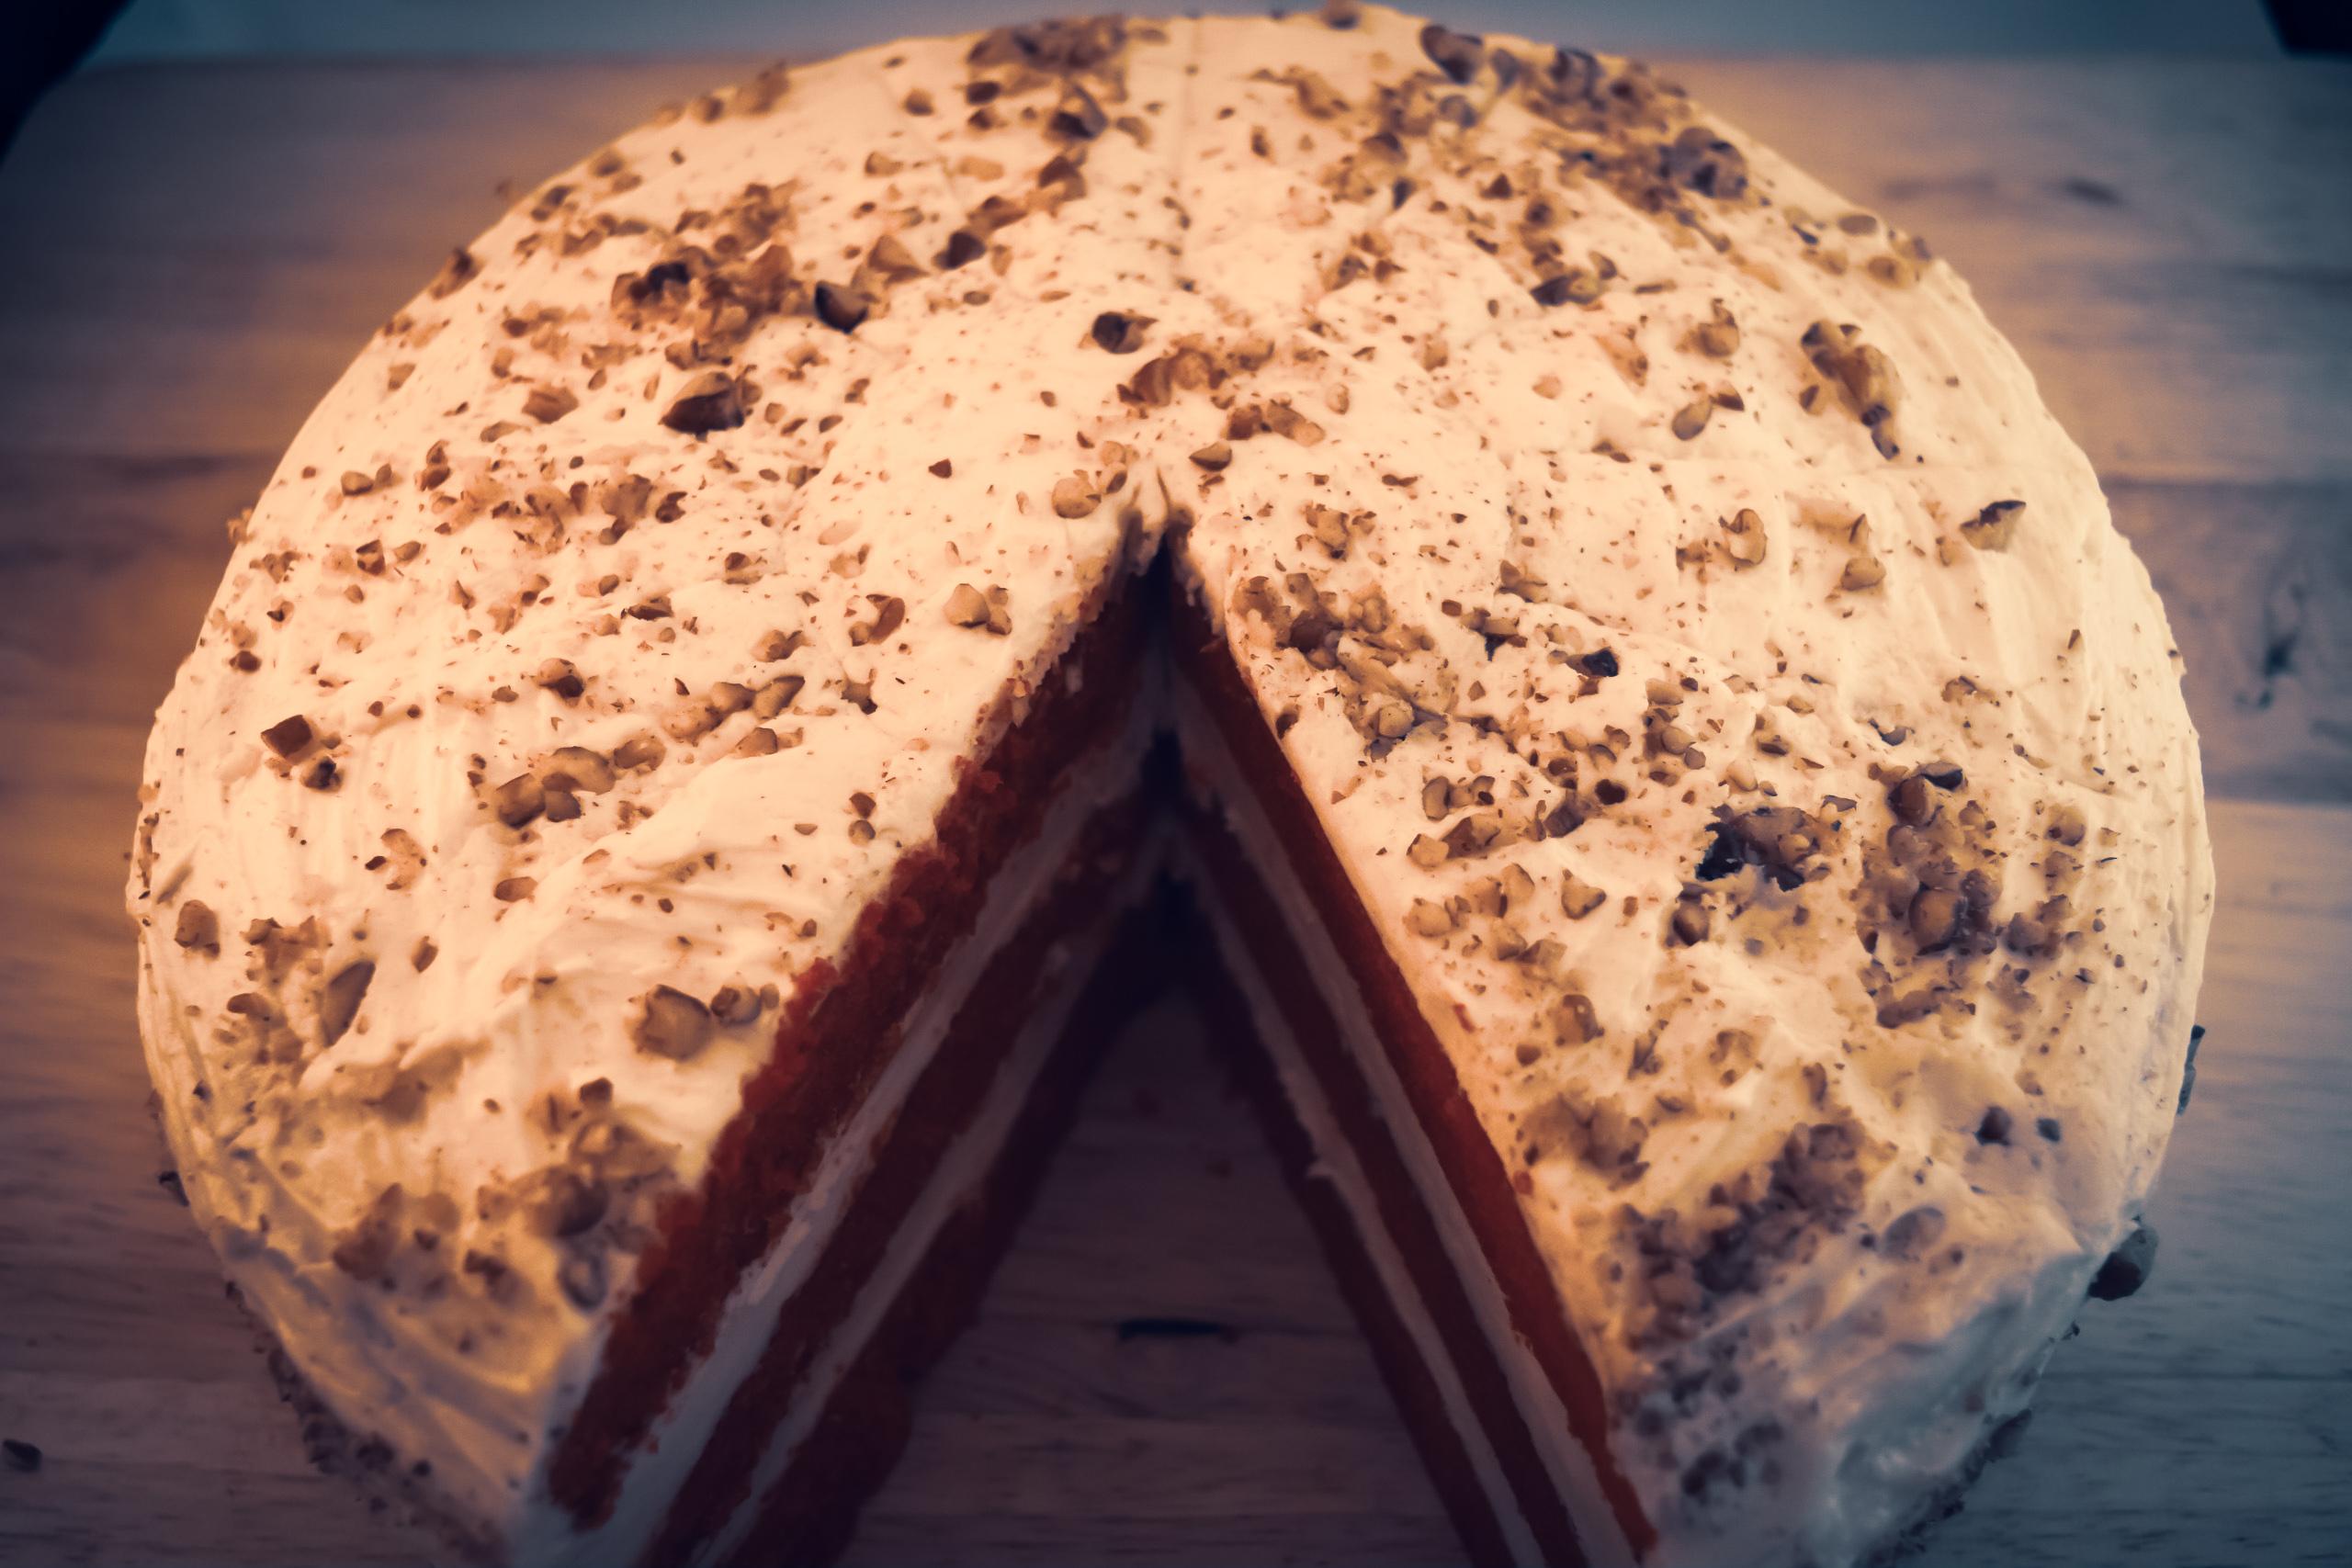 Christopher's Bakery | Dessert | Baked Good | Cake | Red Velvet